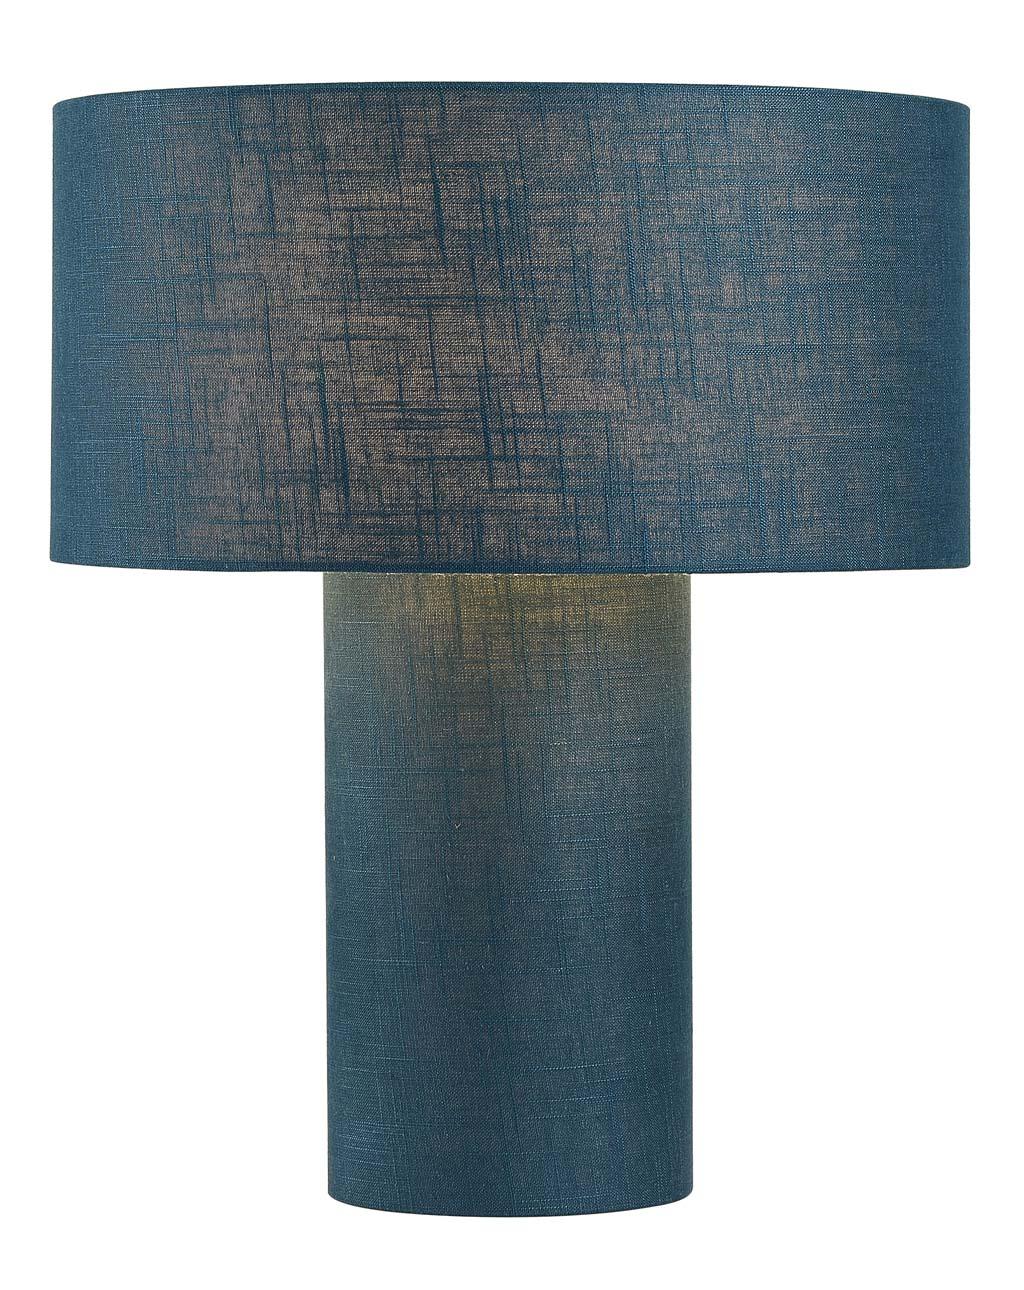 Moonlight Fabric Table Lamp, Sky